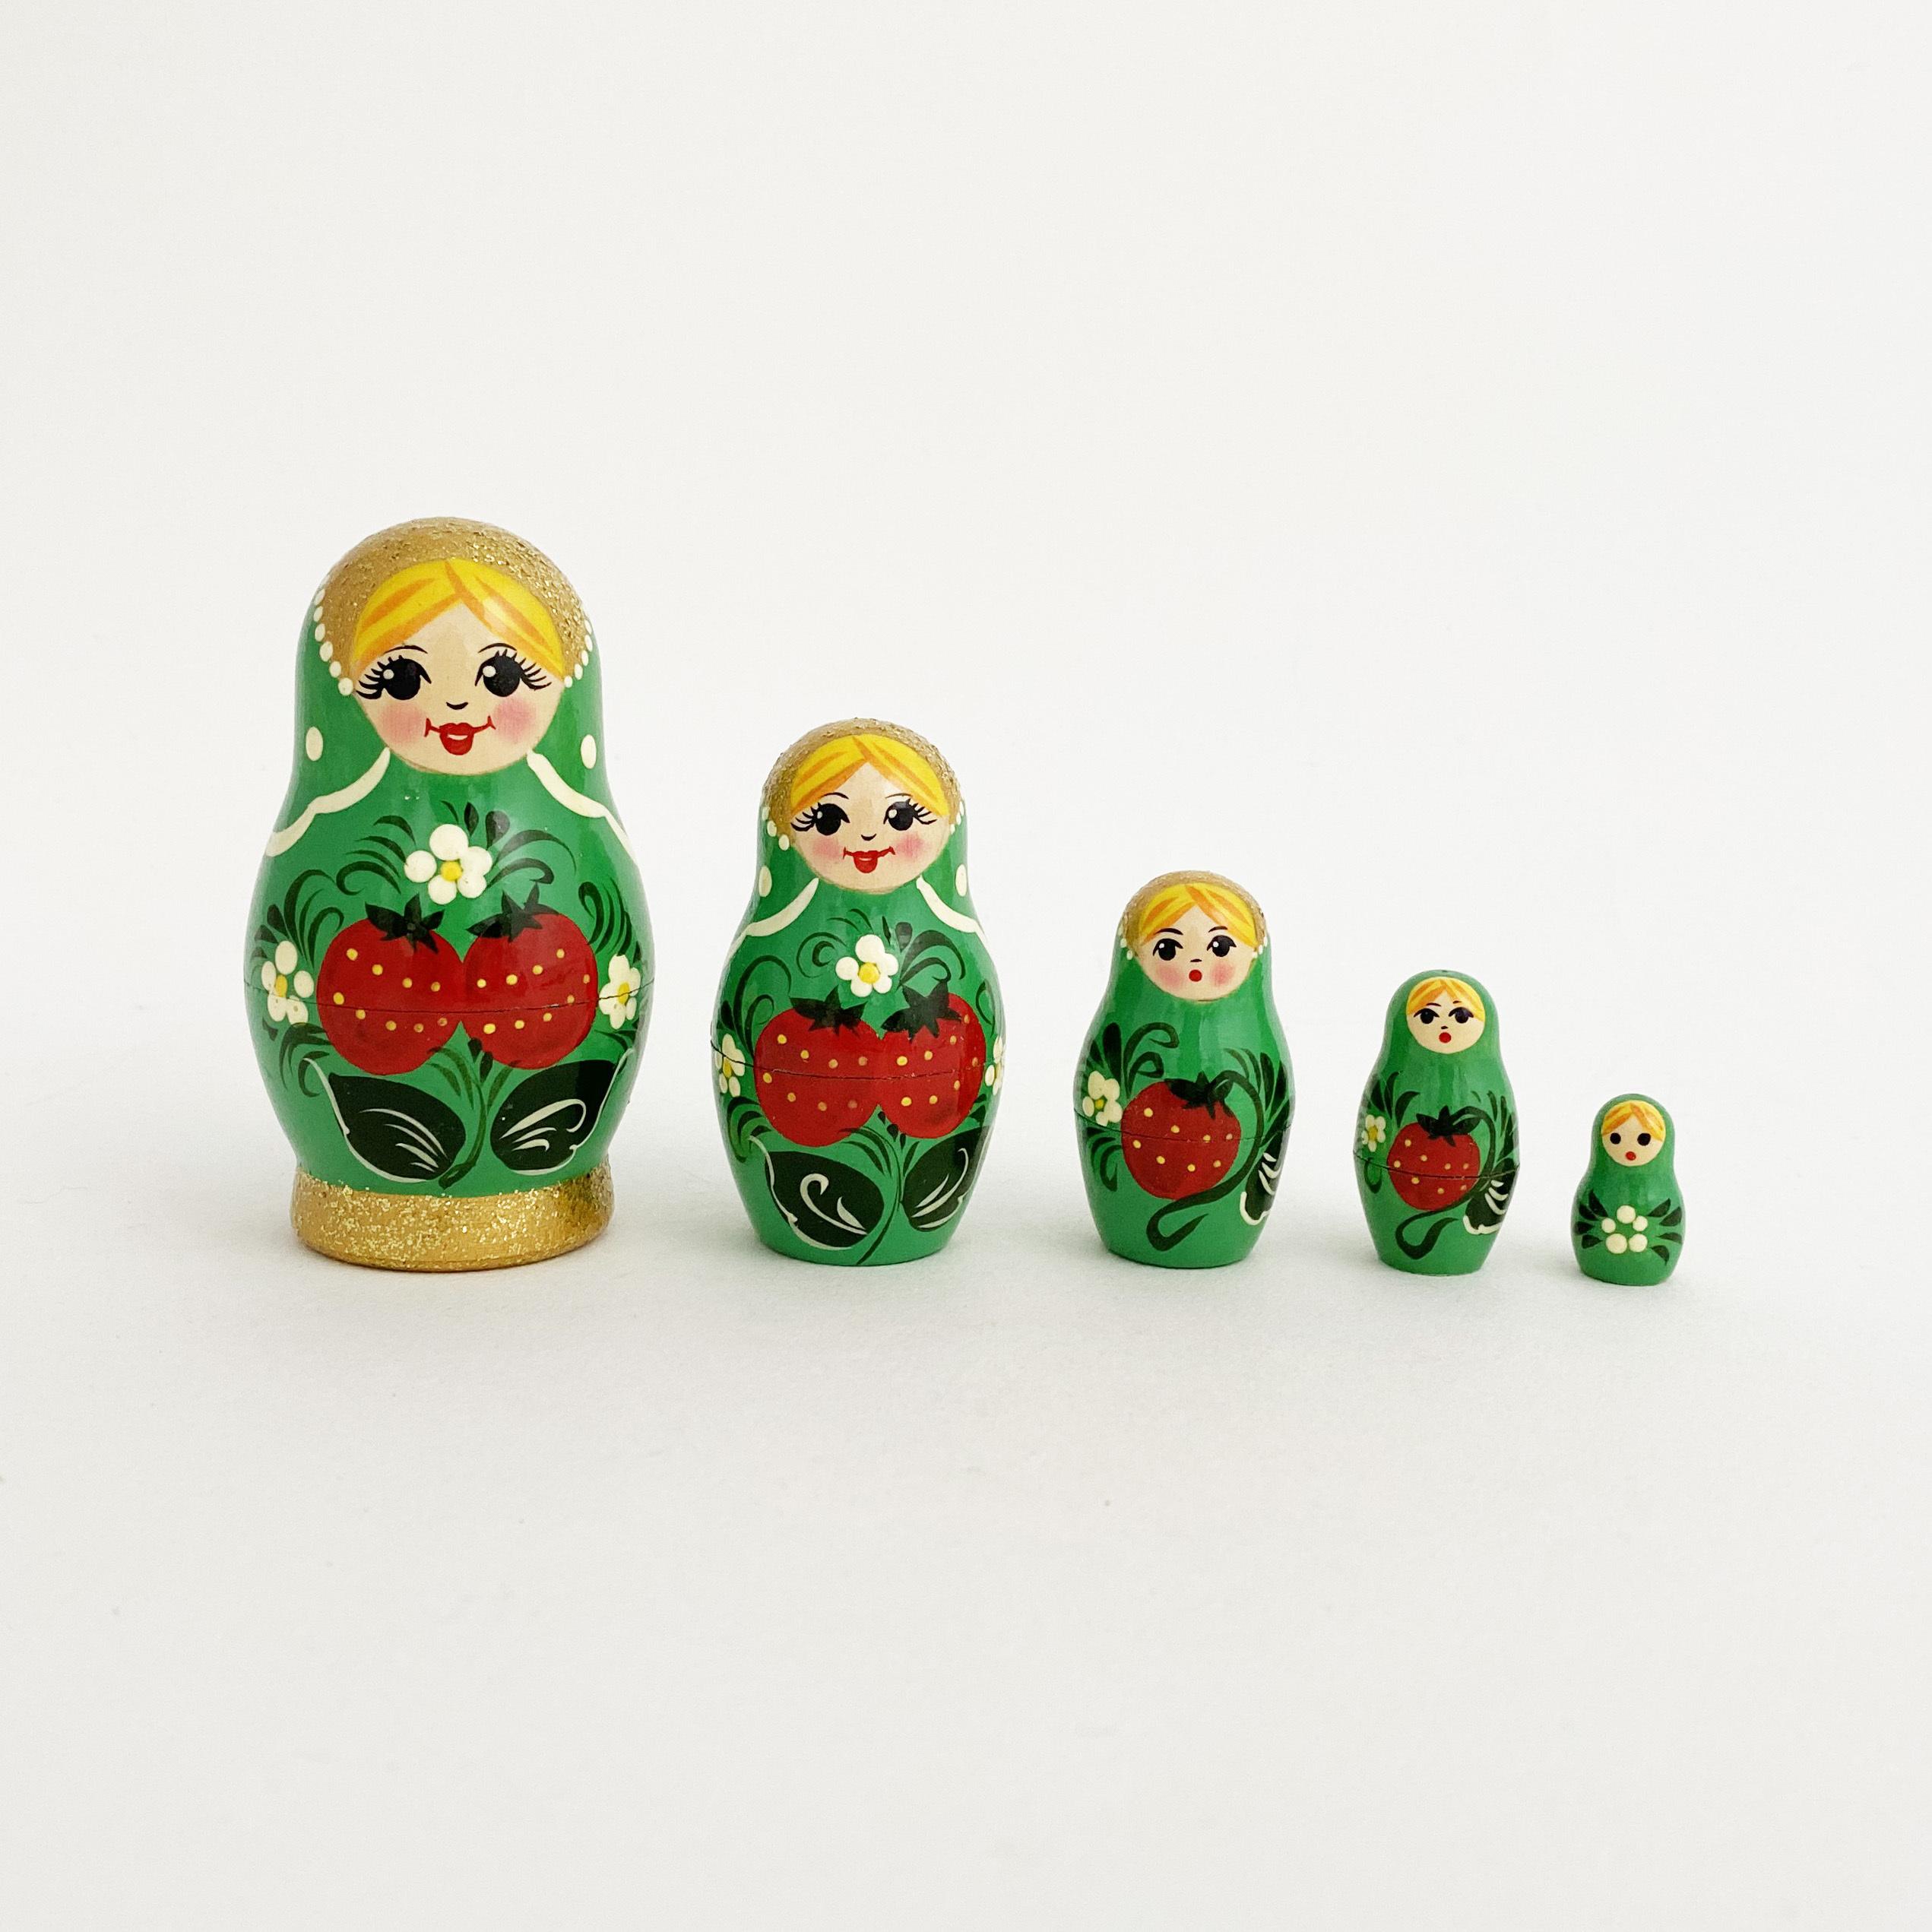 ノーリンスク産マトリョーシカ/いちご5個組